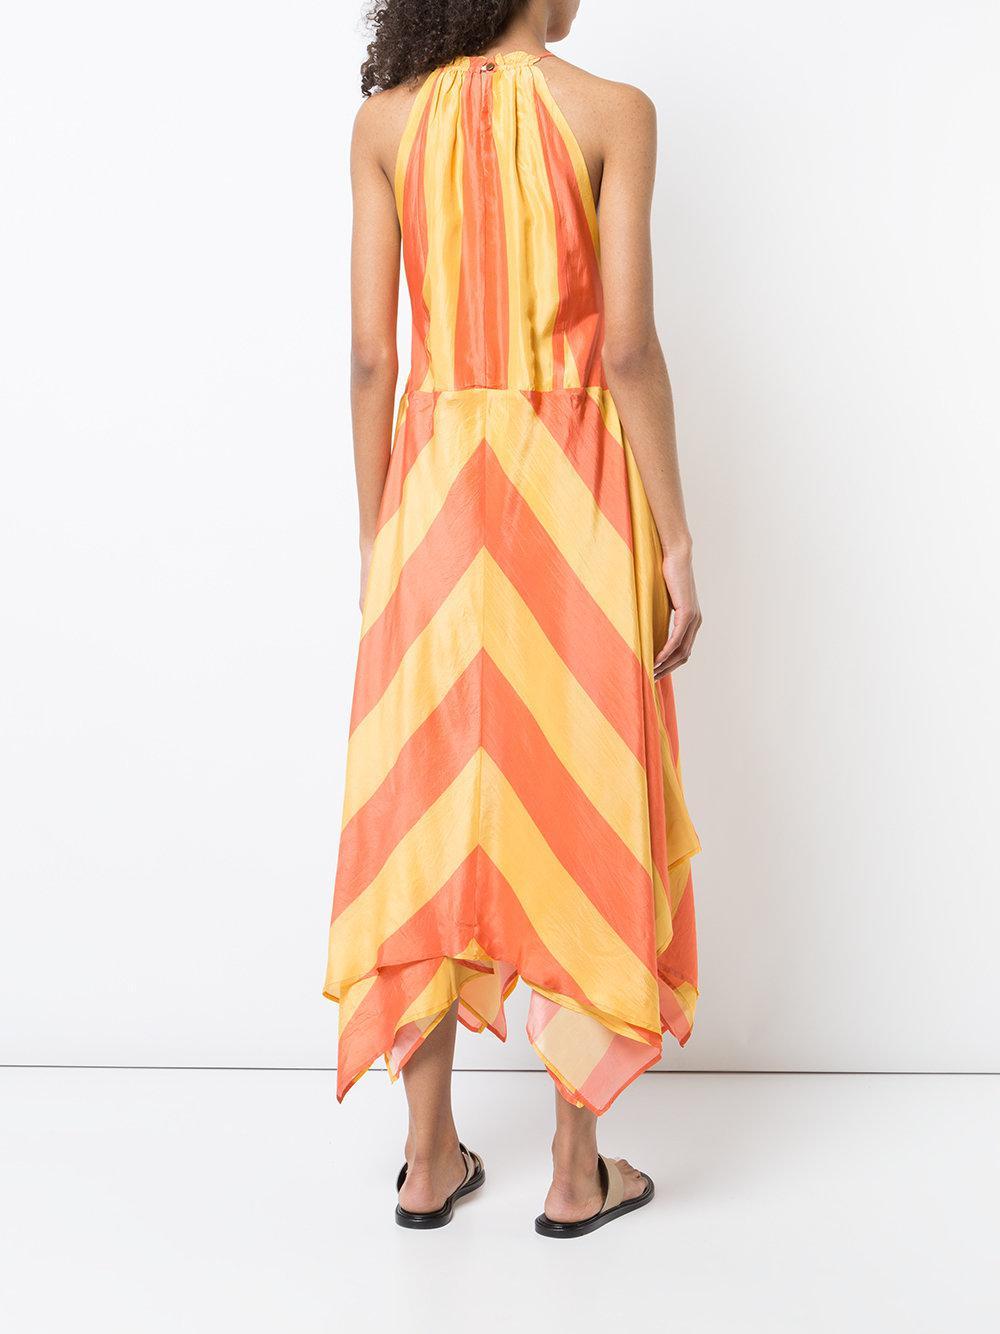 Striped Apiece Apart Orange In Lyst Halterneck Dress 0mNwv8nO